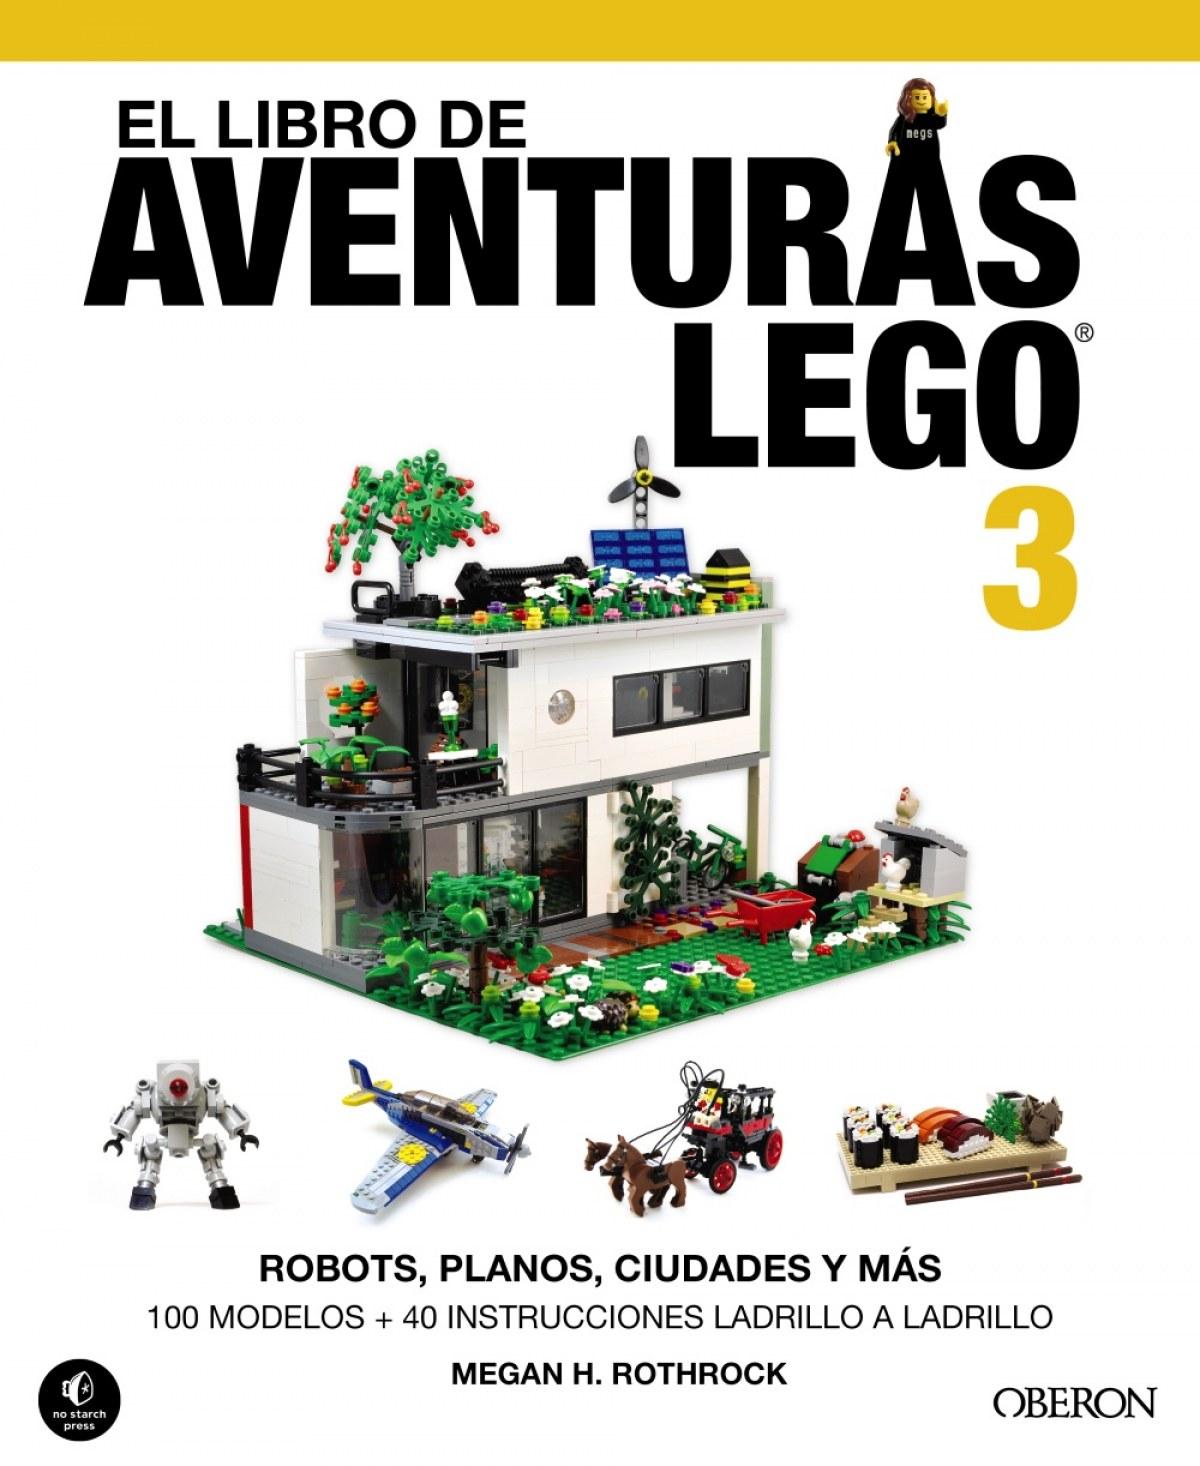 El libro de aventuras lego 3 9788441537835